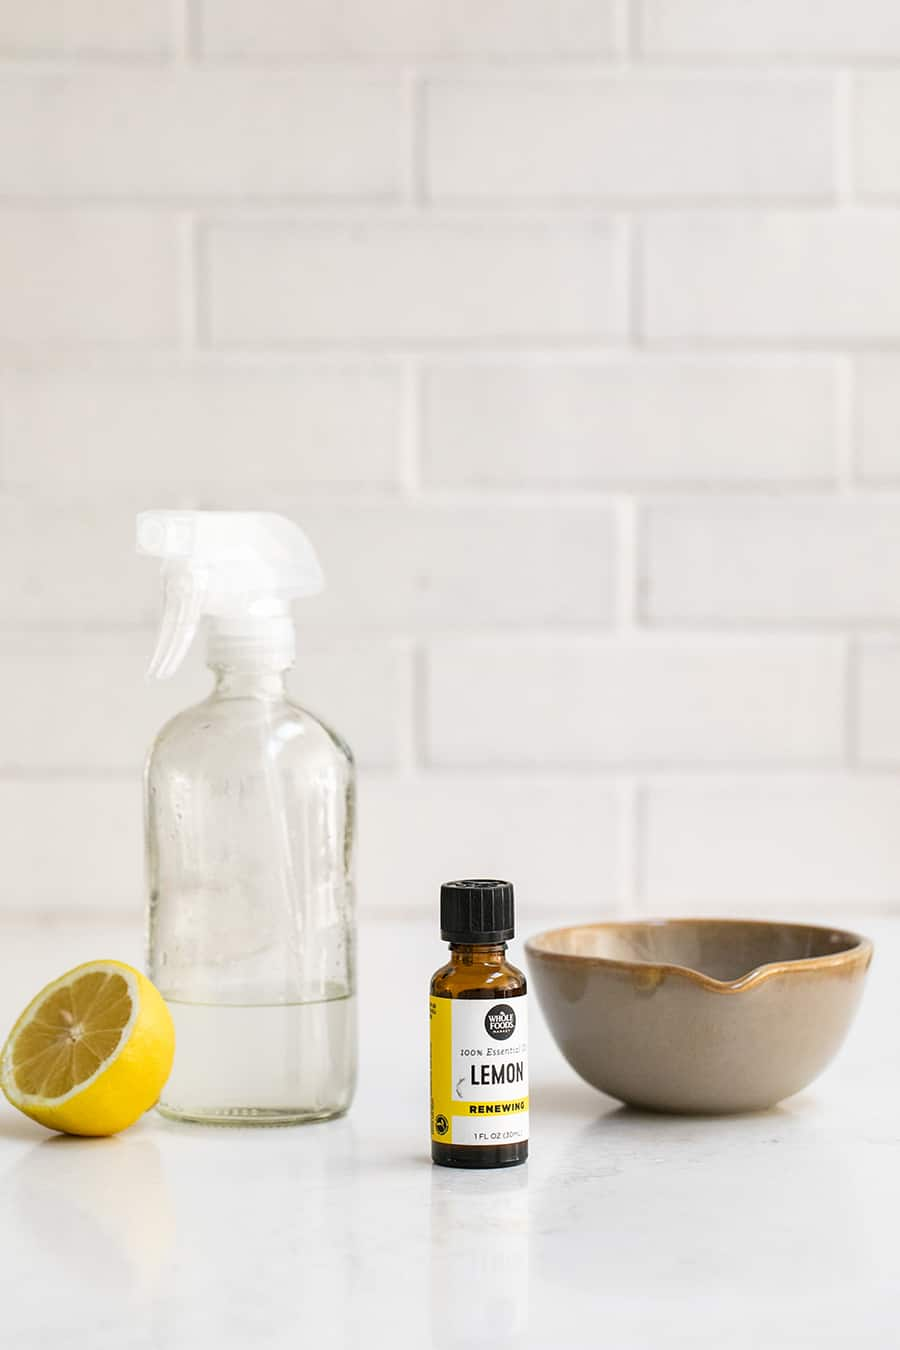 Lemon Oil, Lemon, Vinegar and a Clear Spray Bottle to make Natural Window Cleaner